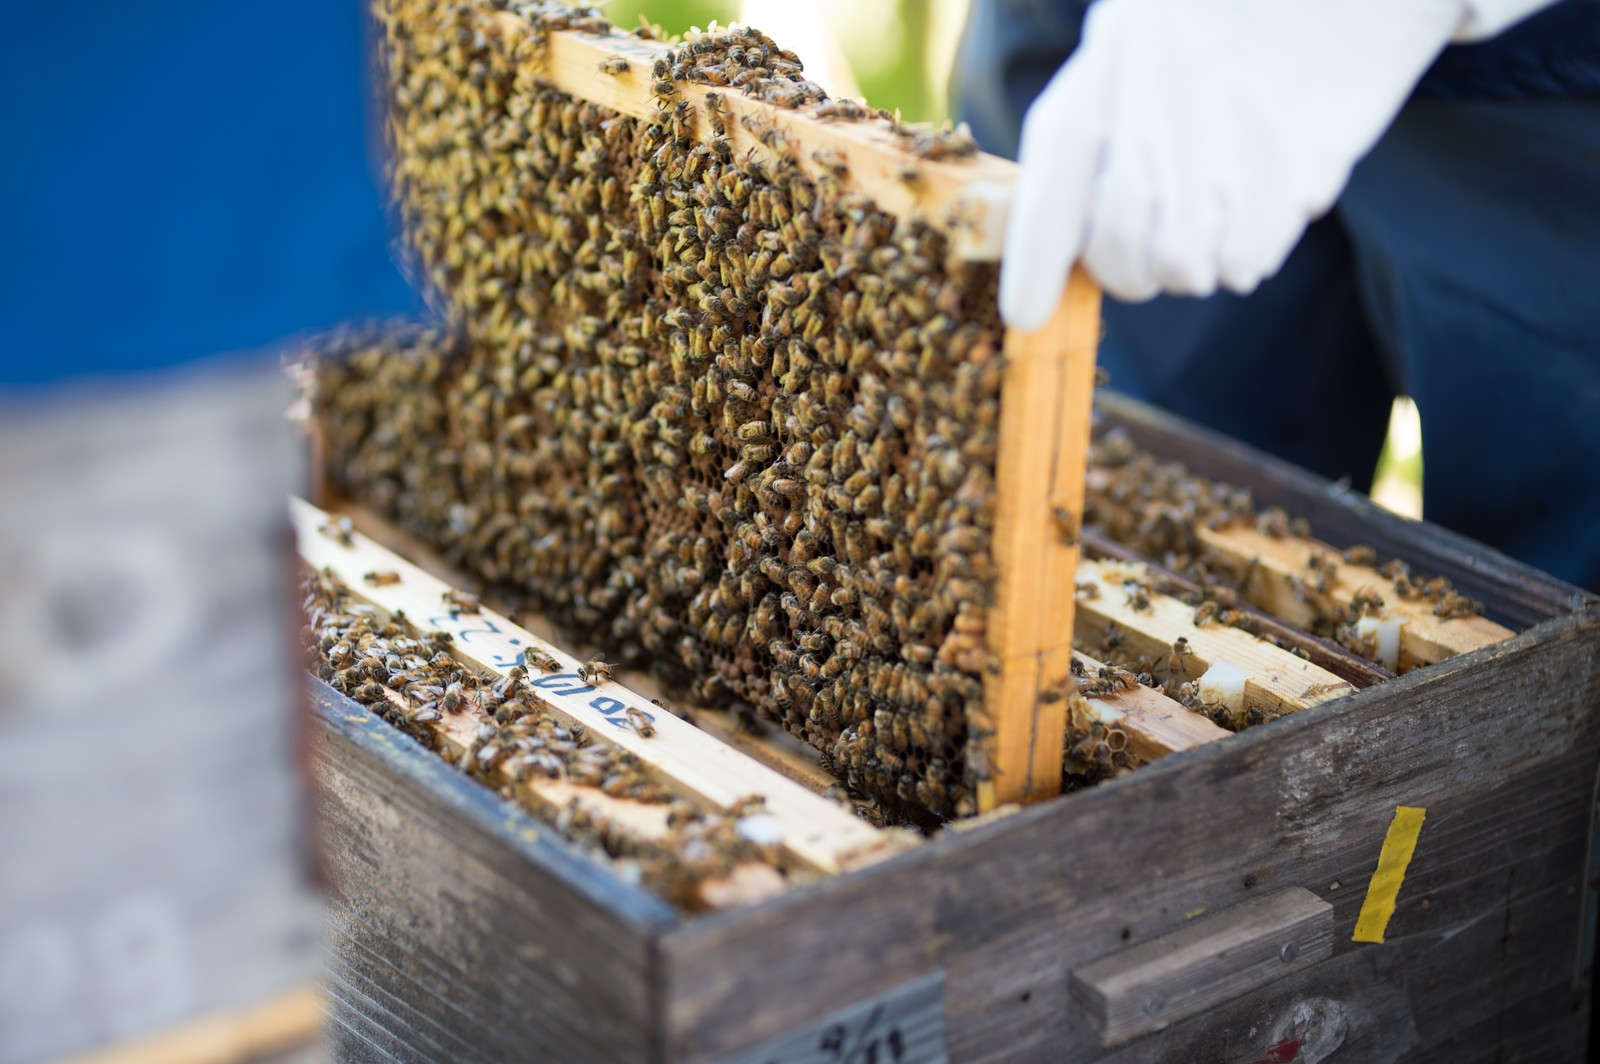 「蜜蜂の巣板をチェックする」の写真